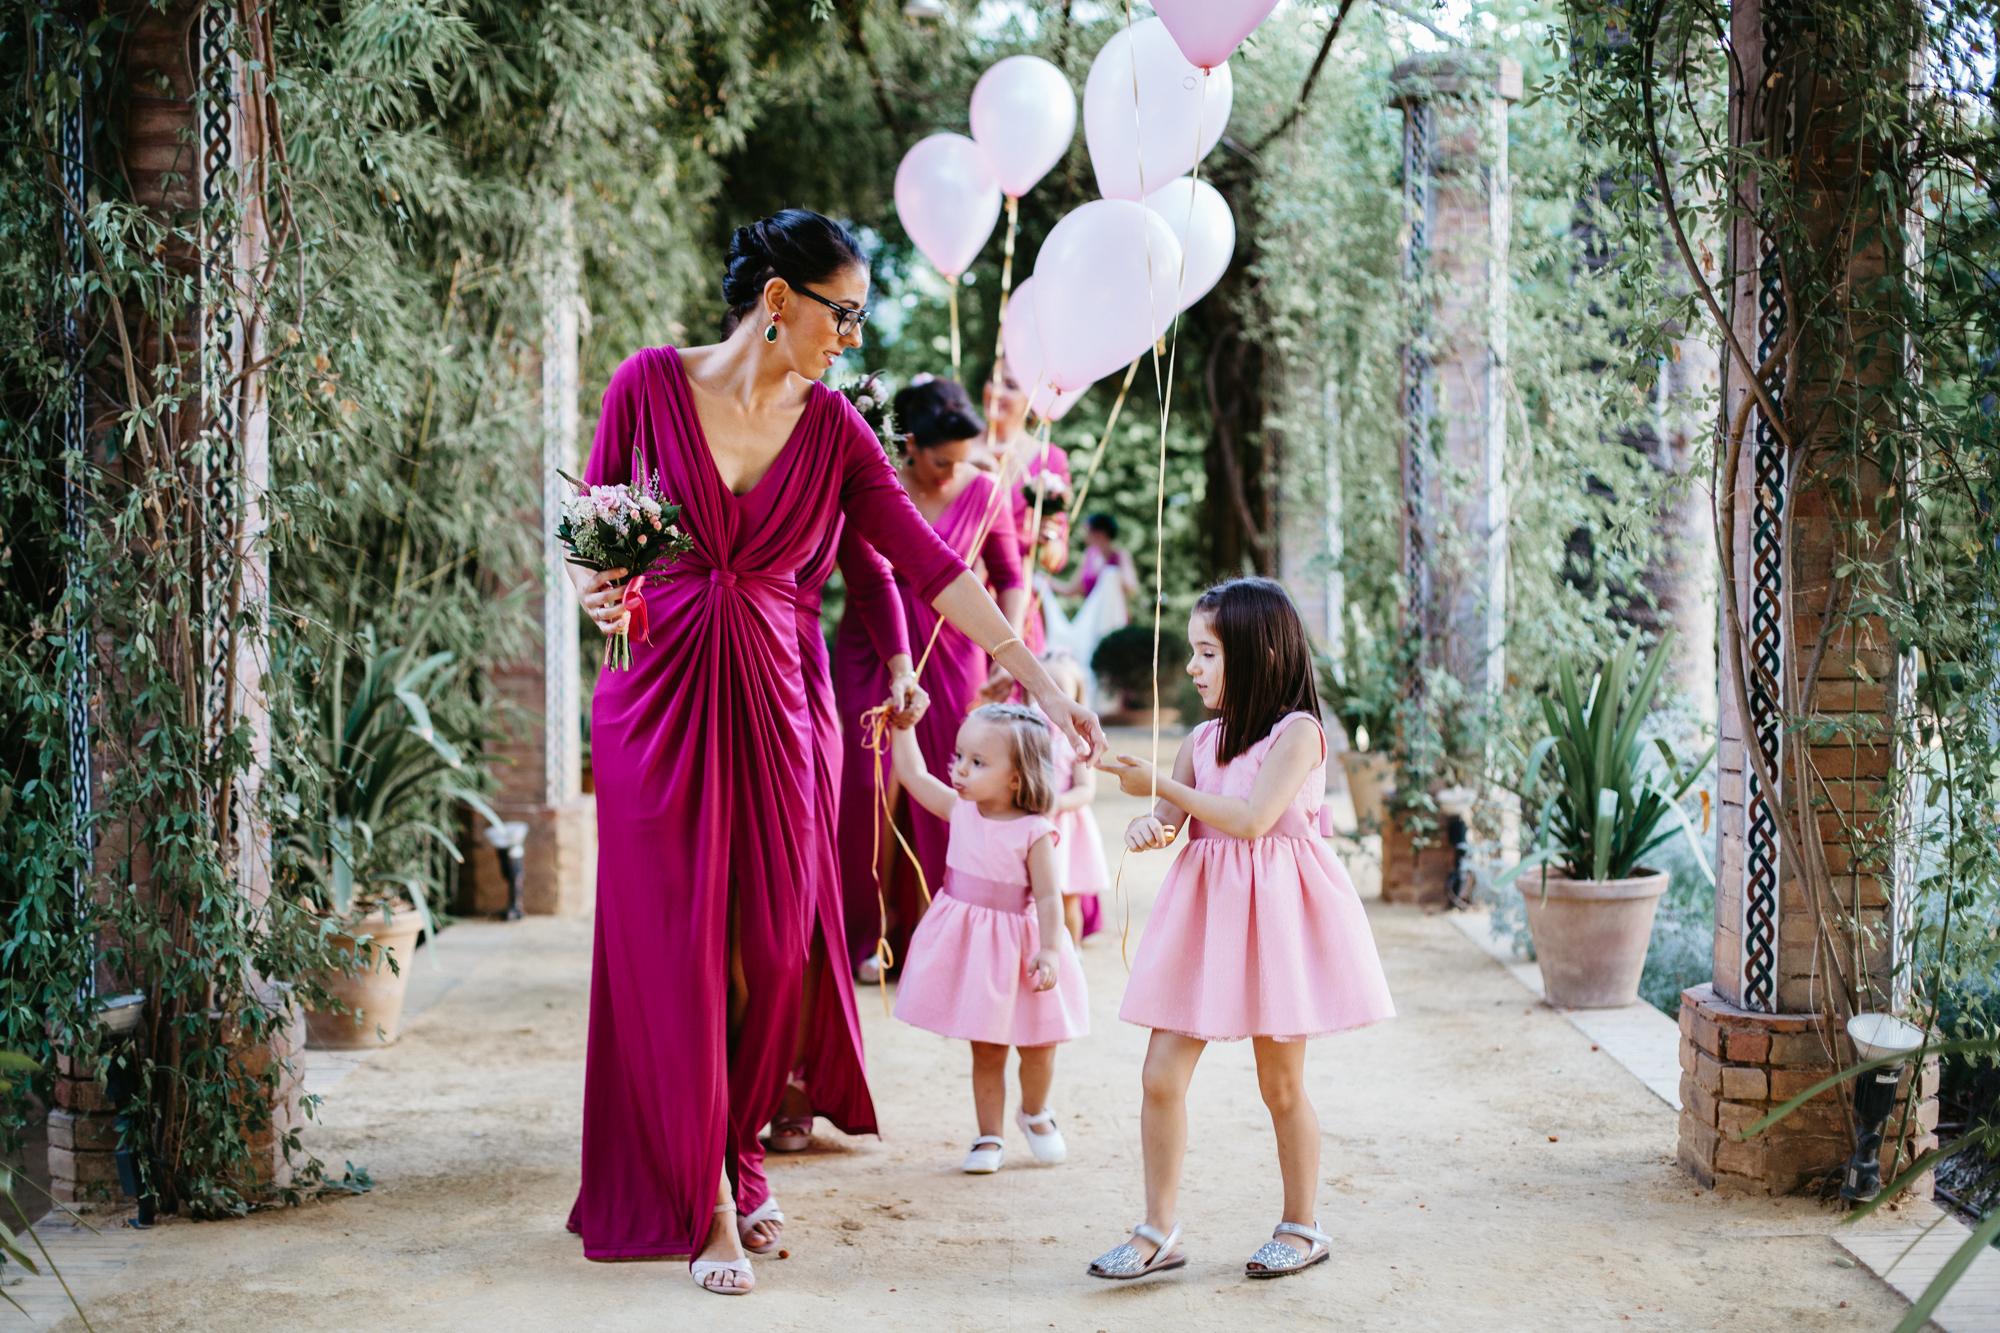 La boda de Amanda y Jorge en Villa Luisa 16